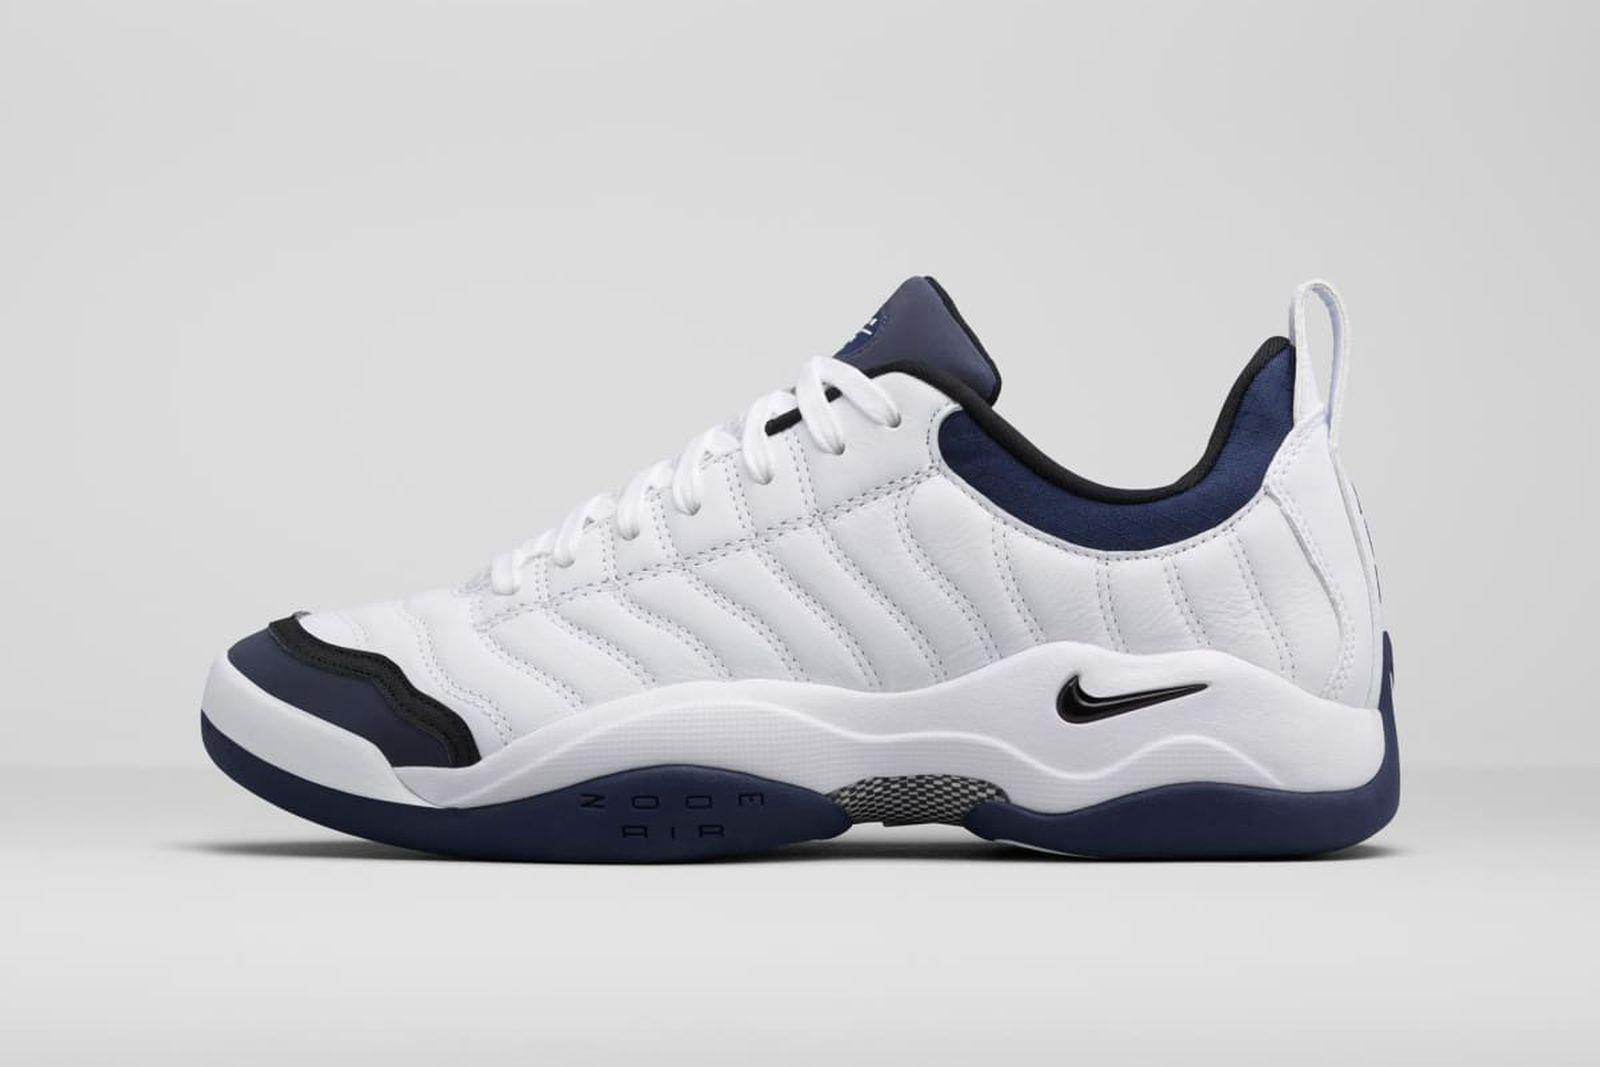 The Nike Air Oscillate